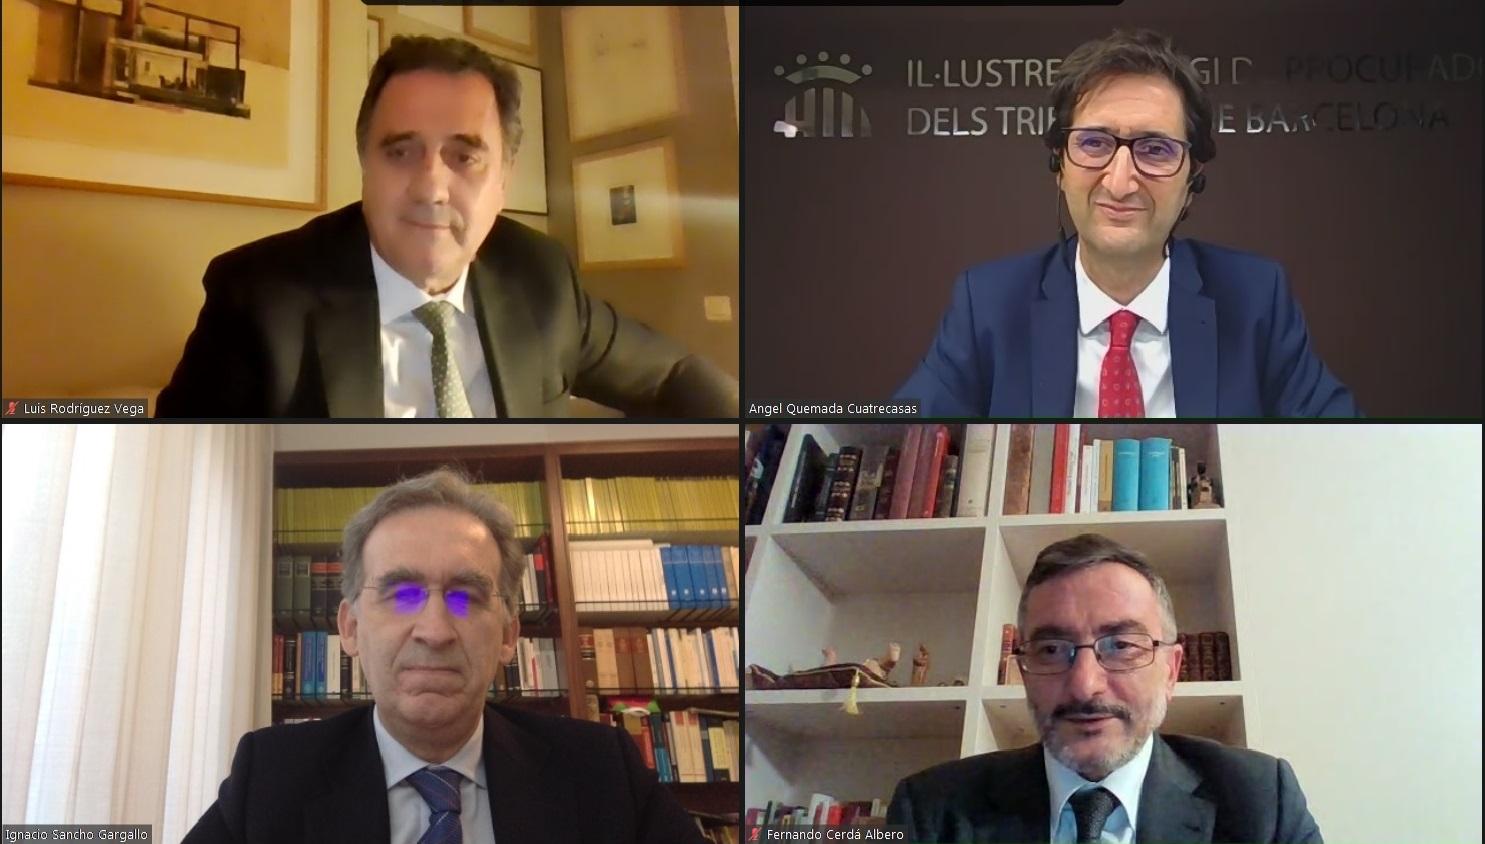 Homenatge a Luis Garrido, Magistrat de l'Audiència Provincial de Barcelona